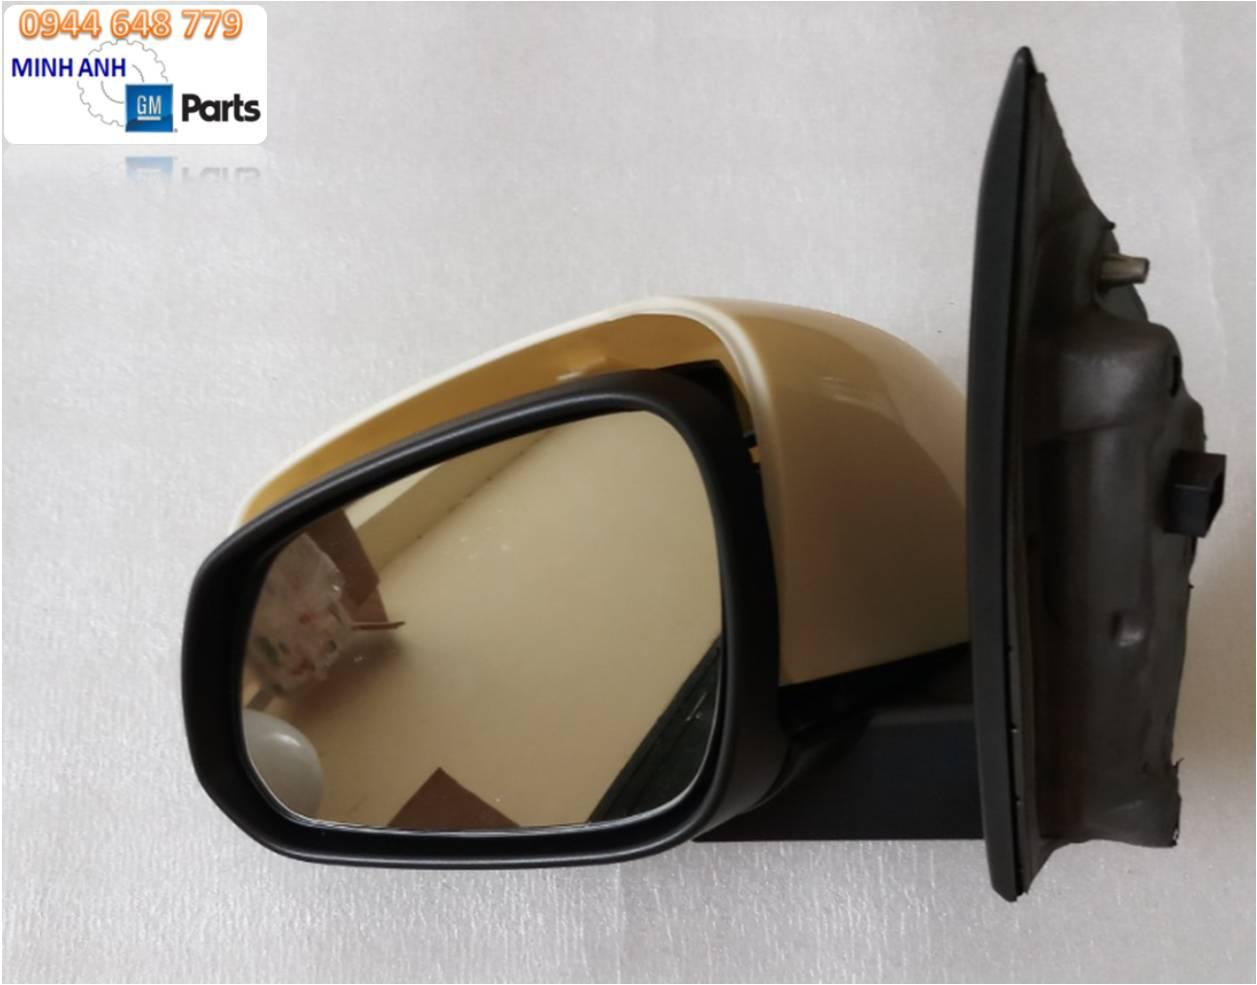 Gương chiếu hậu xe FadiL